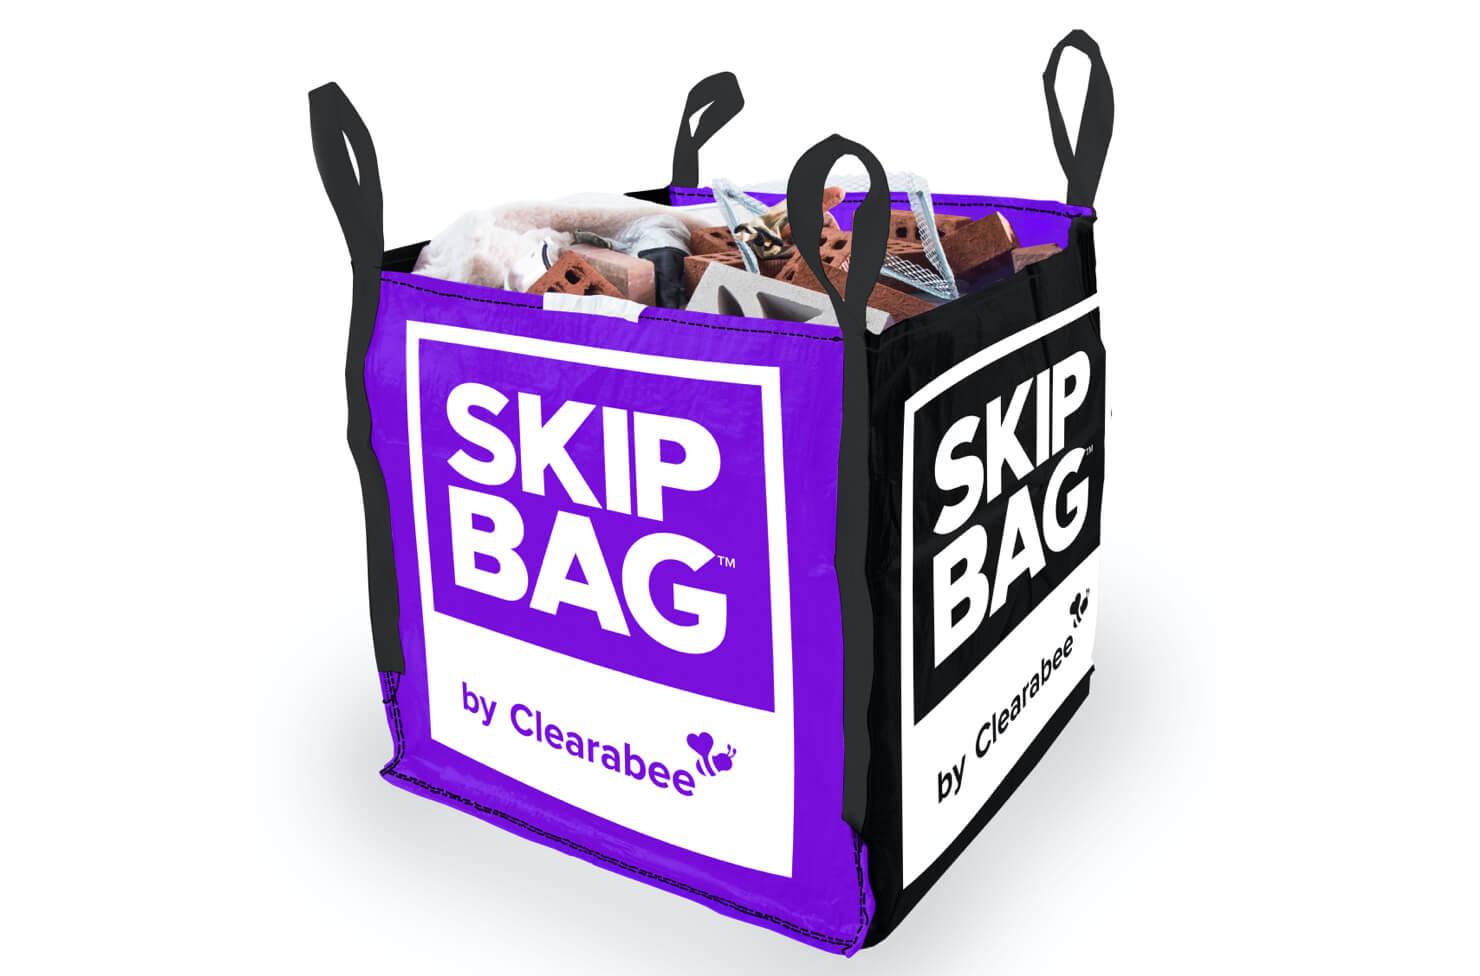 Skip bag security